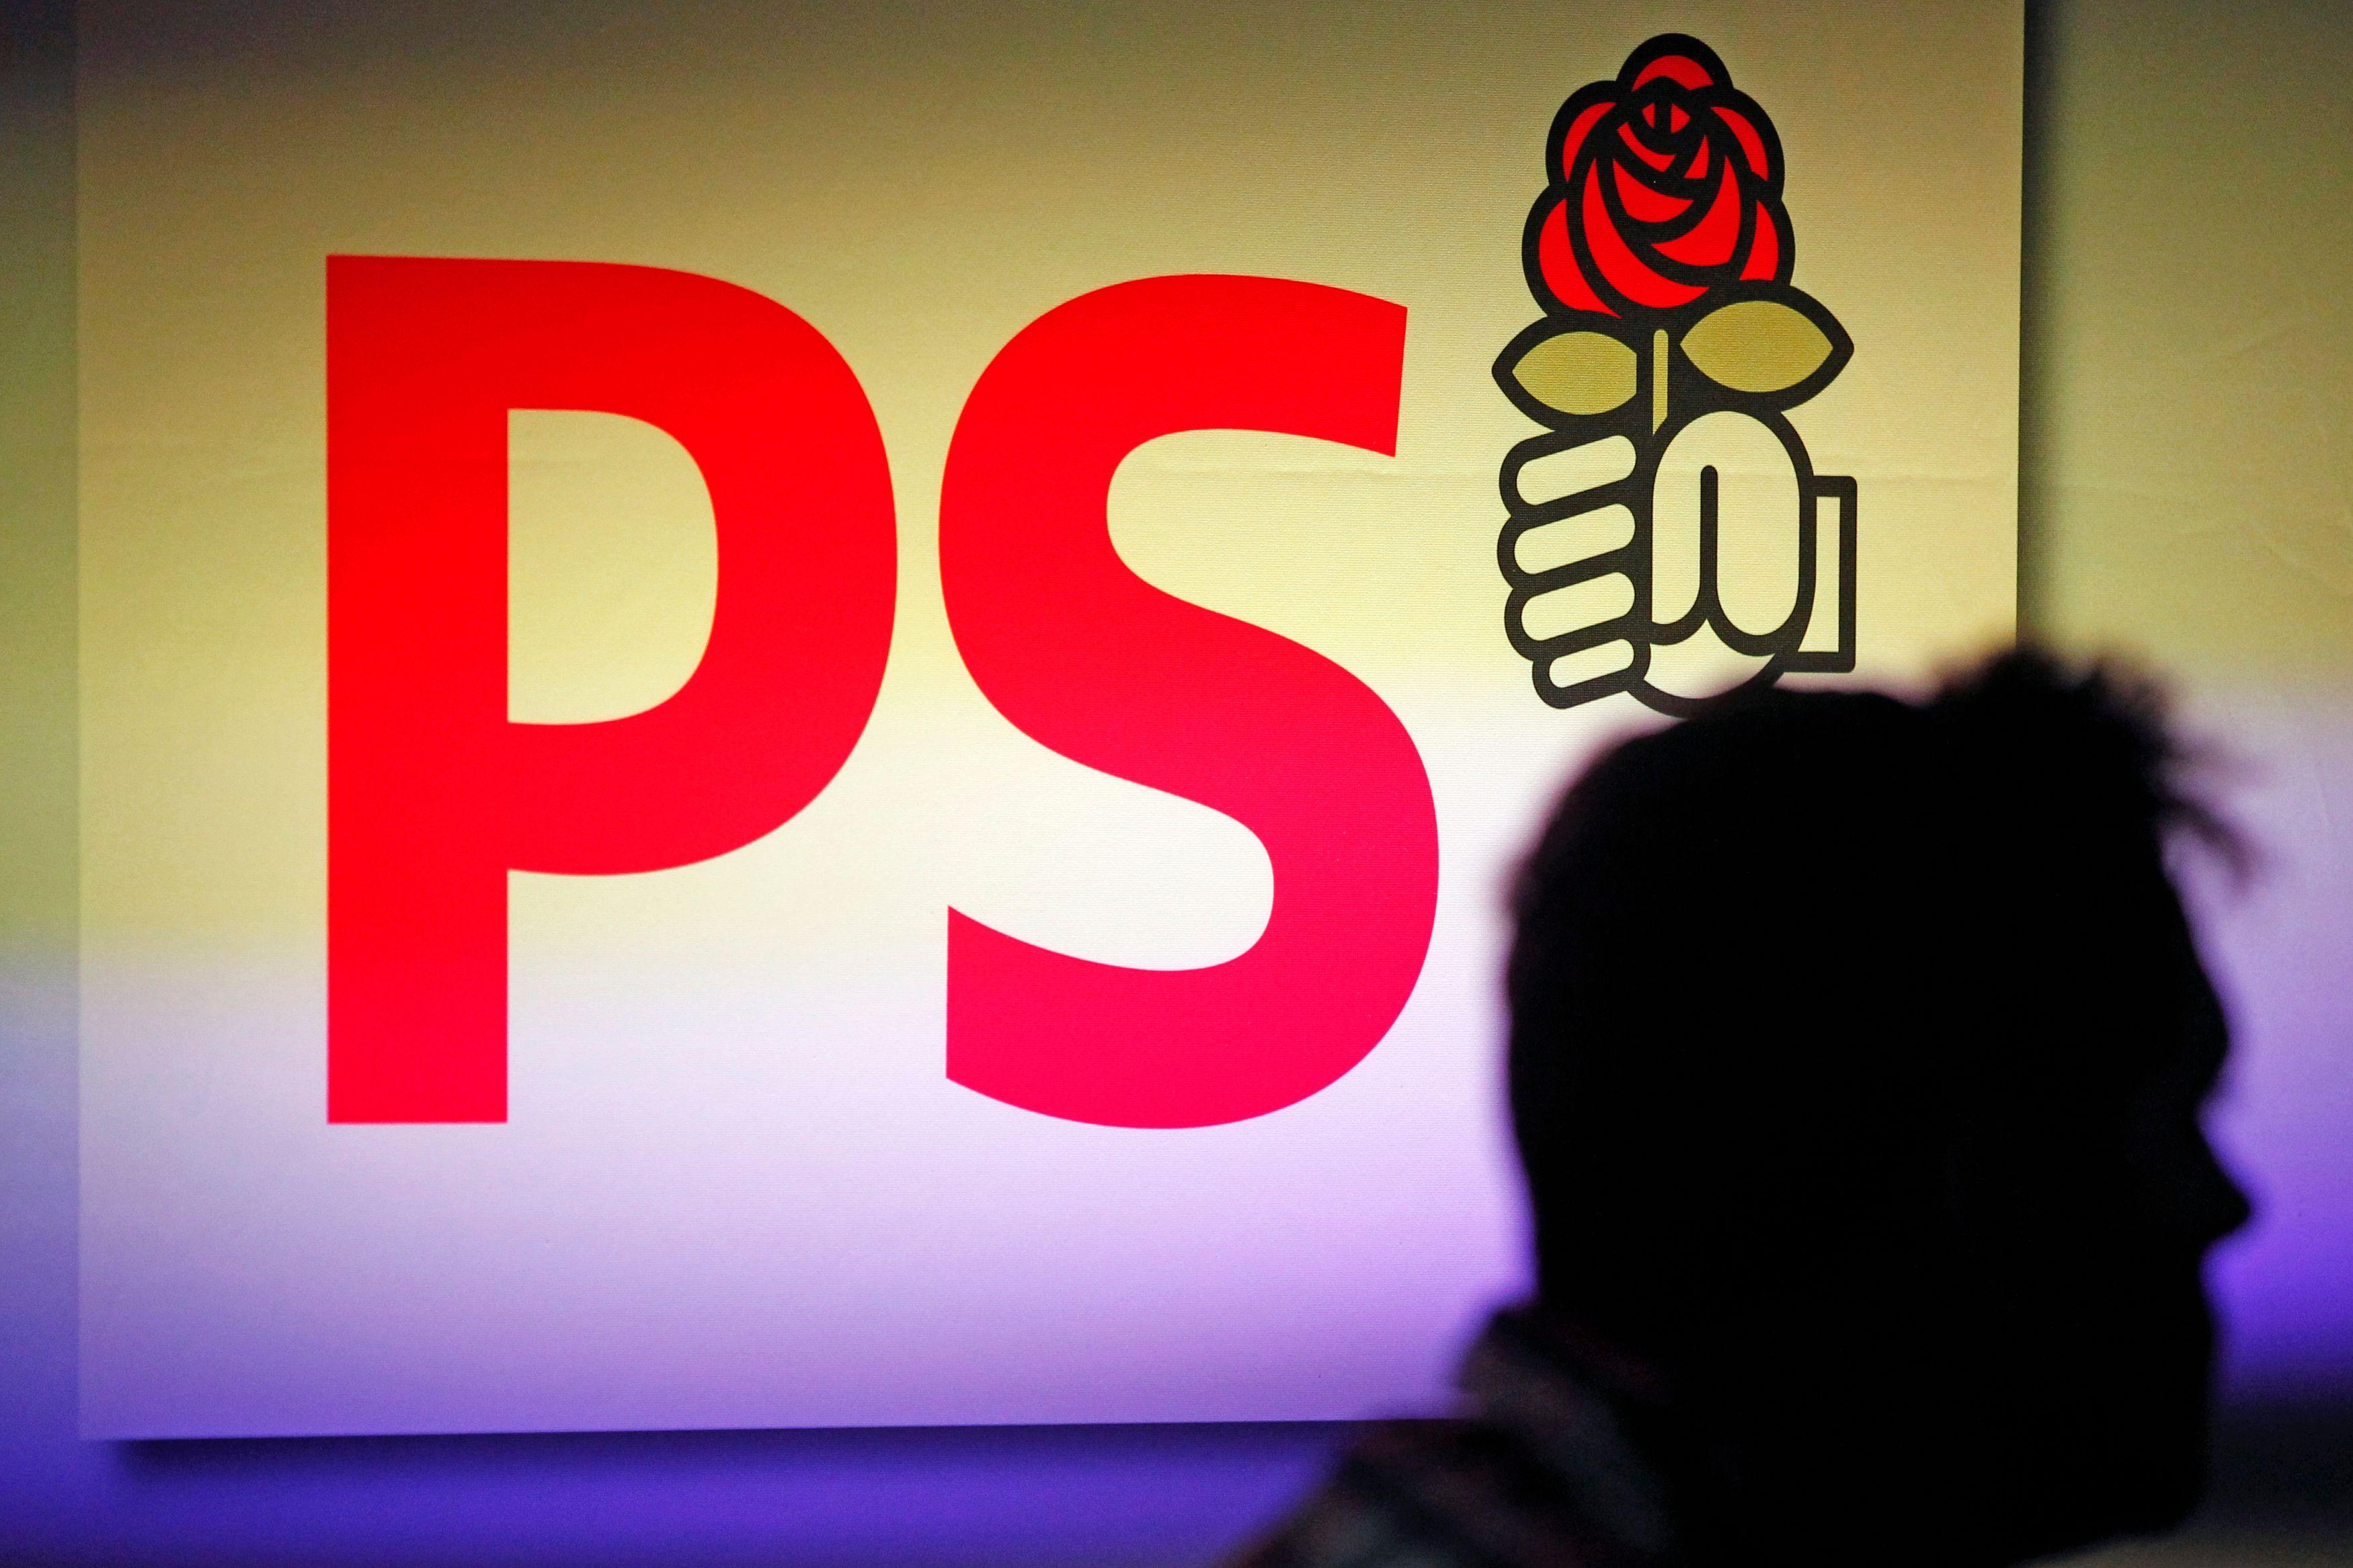 Depuis longtemps le PS est devenu le parti qui entend fonder son avenir sur les minorités malheureuses et mal-aimées.